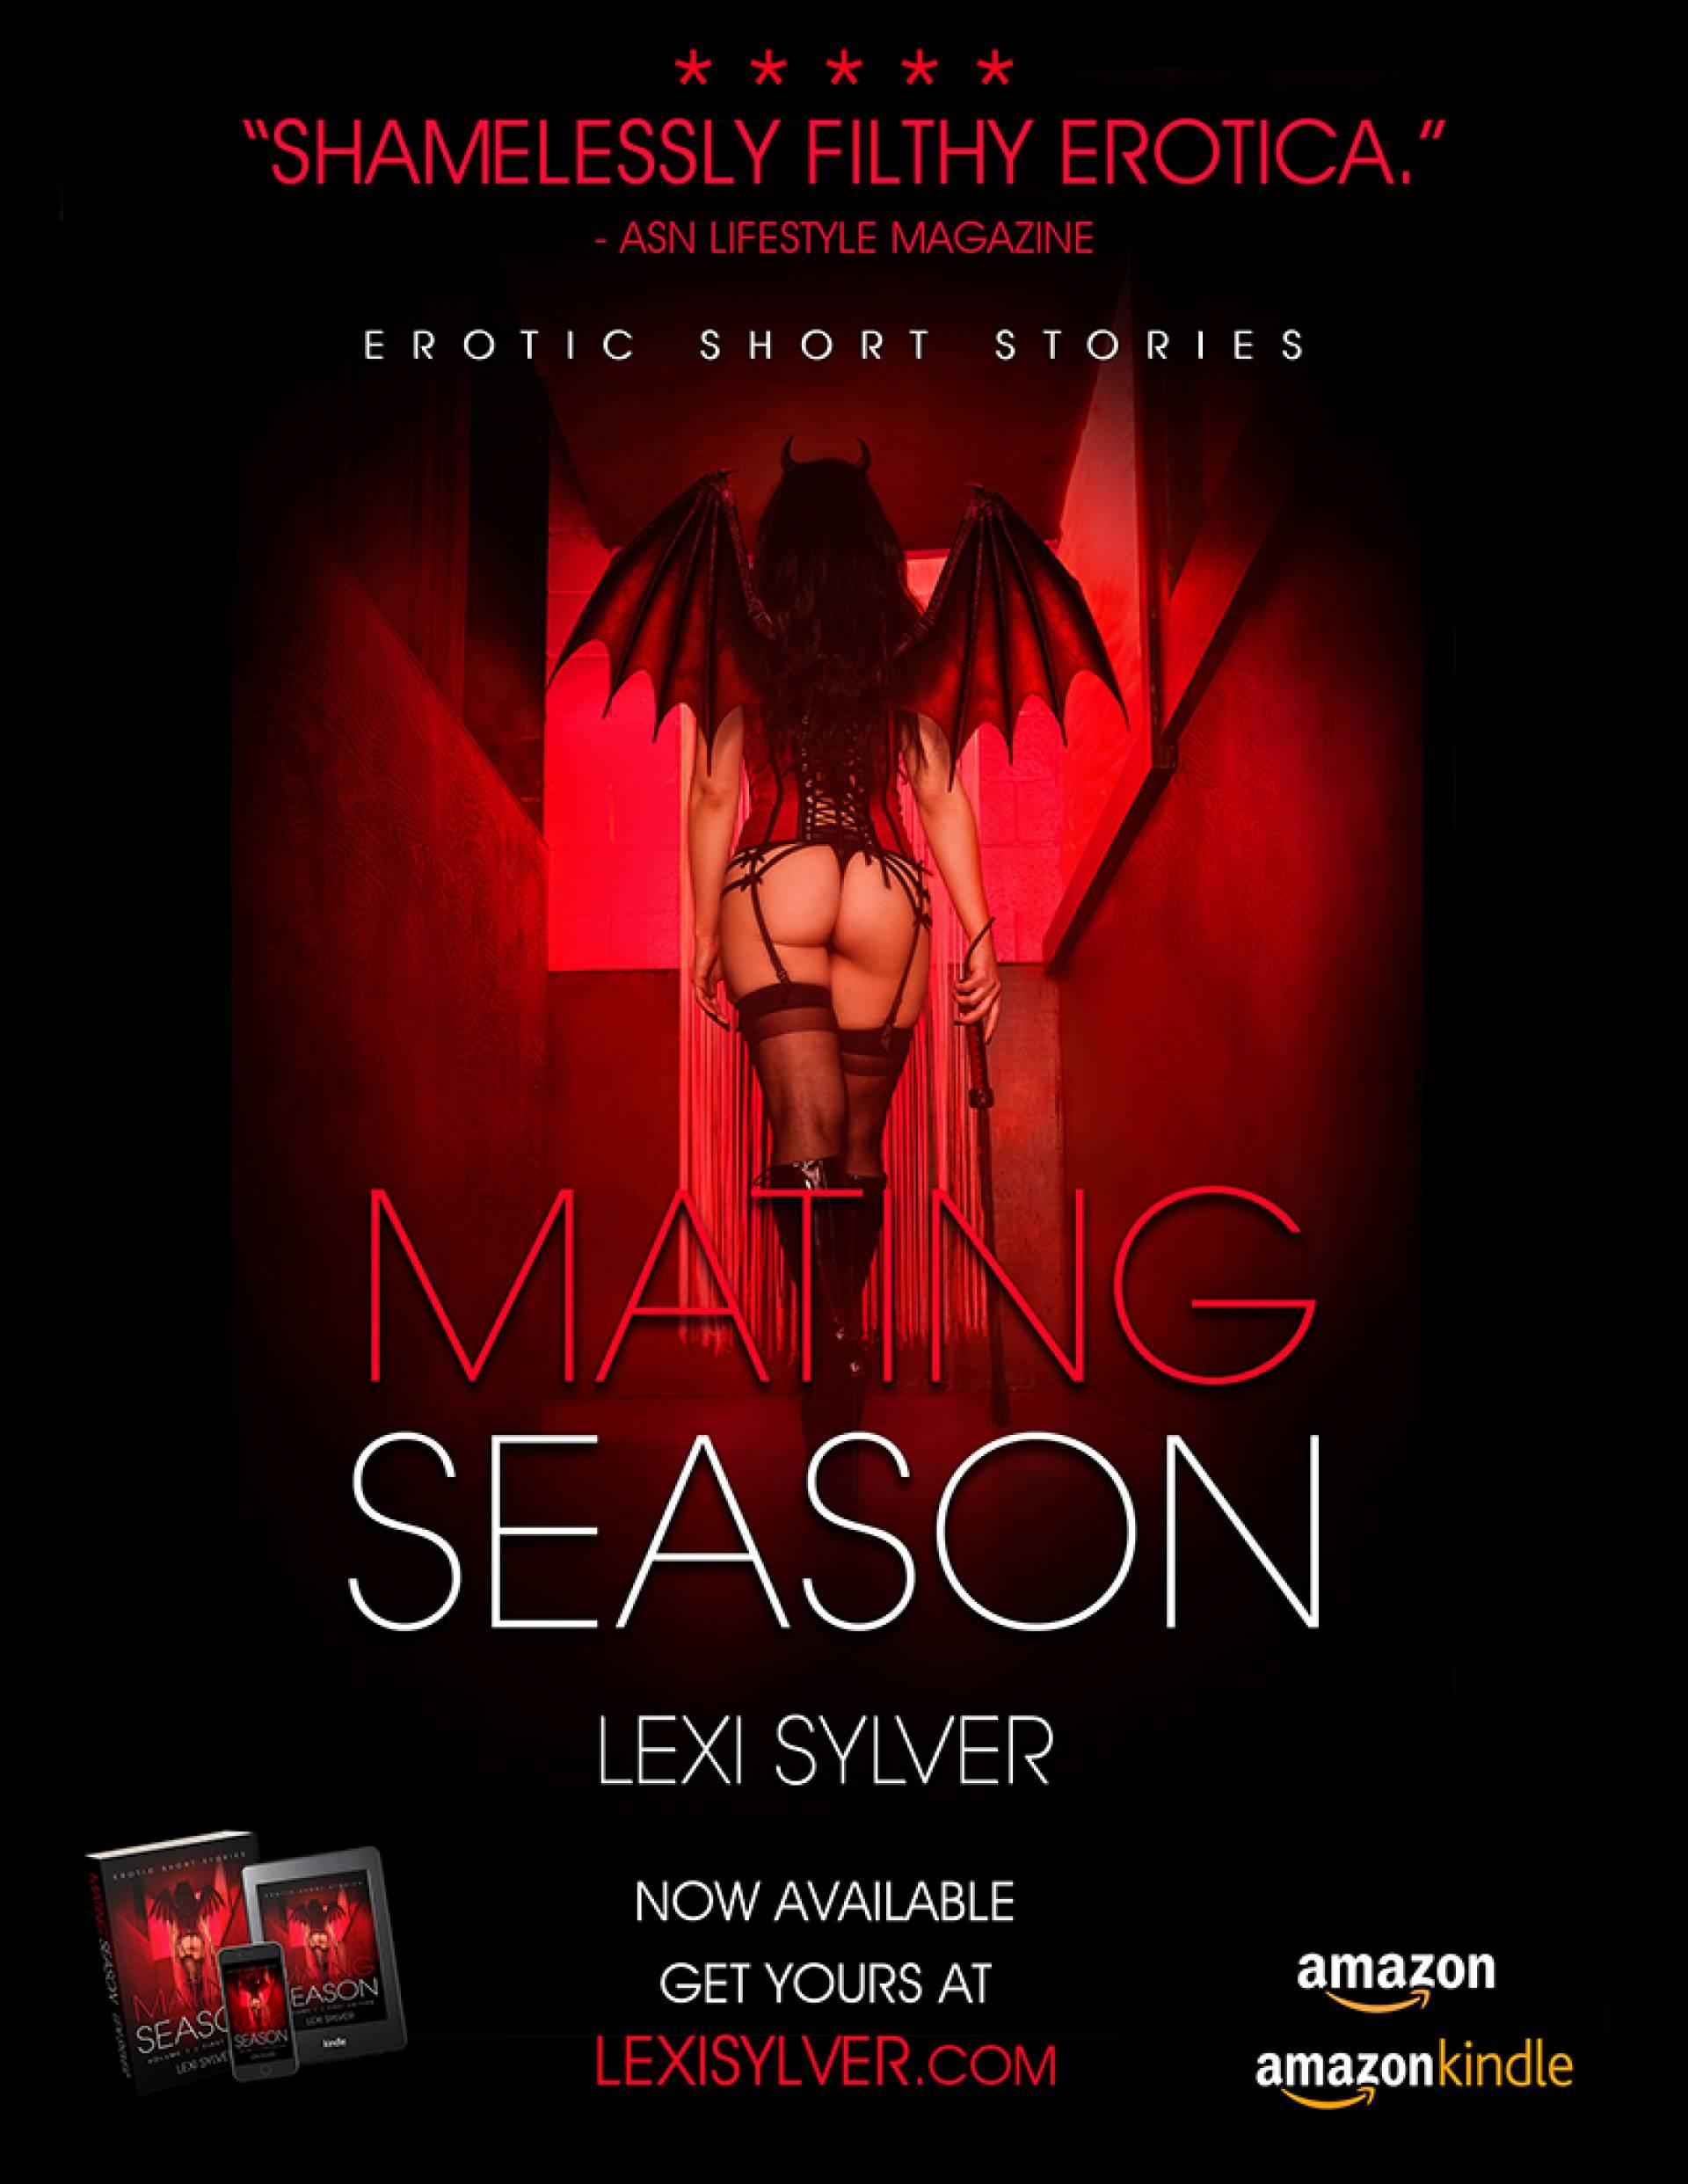 SDC Lexi Sylver Mating Season Erotic Book Cover Photo by Fabrice de Bray